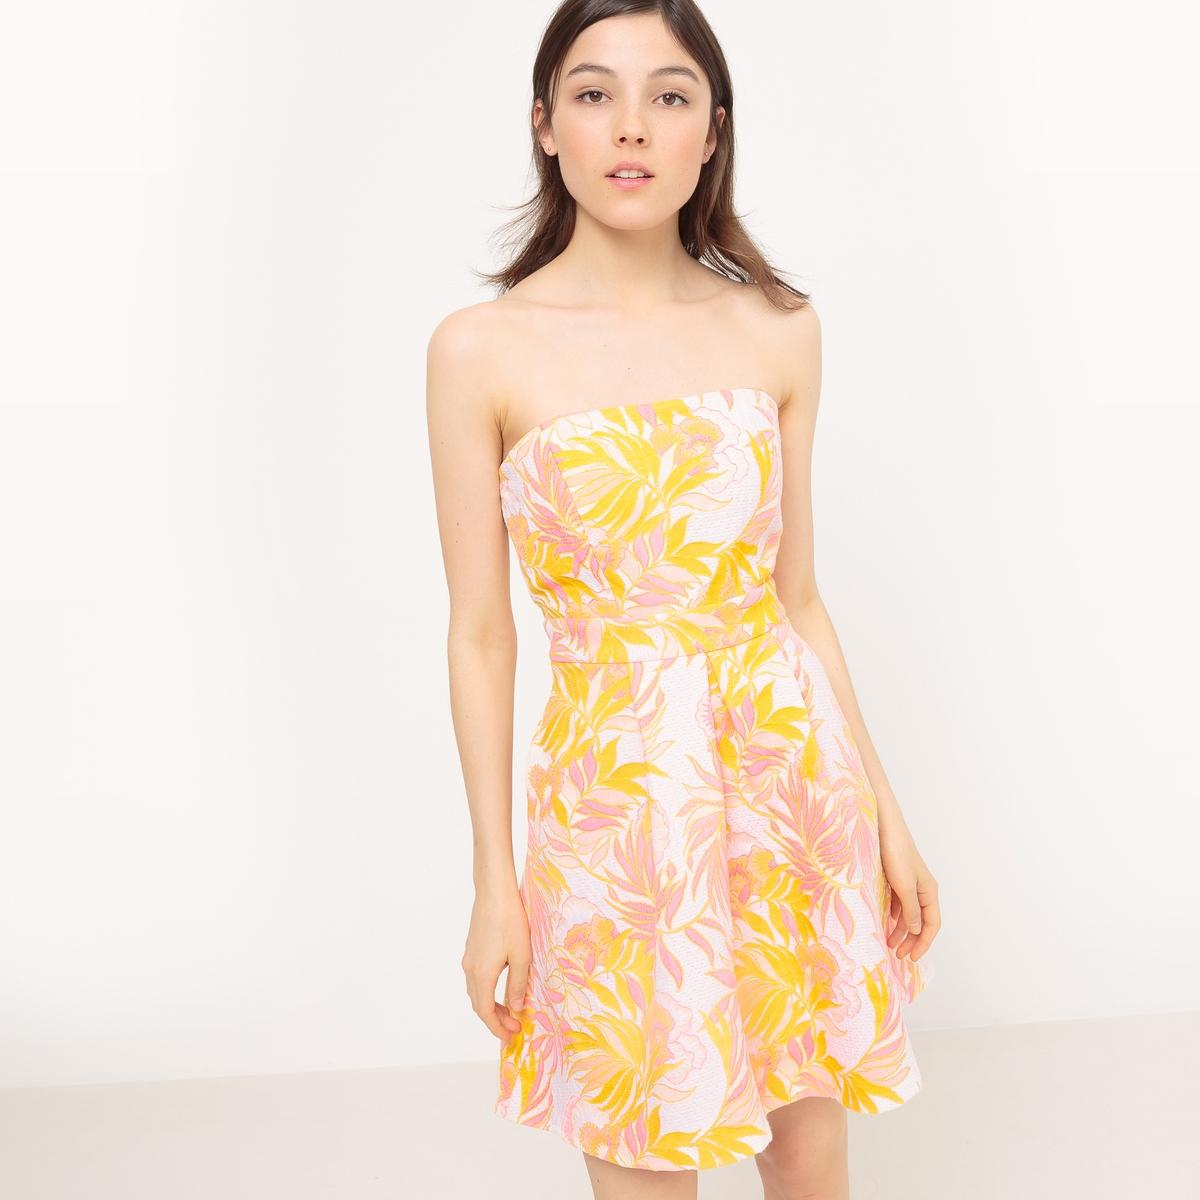 Платье-бюстье короткое с жаккардовым рисунком, без рукавов